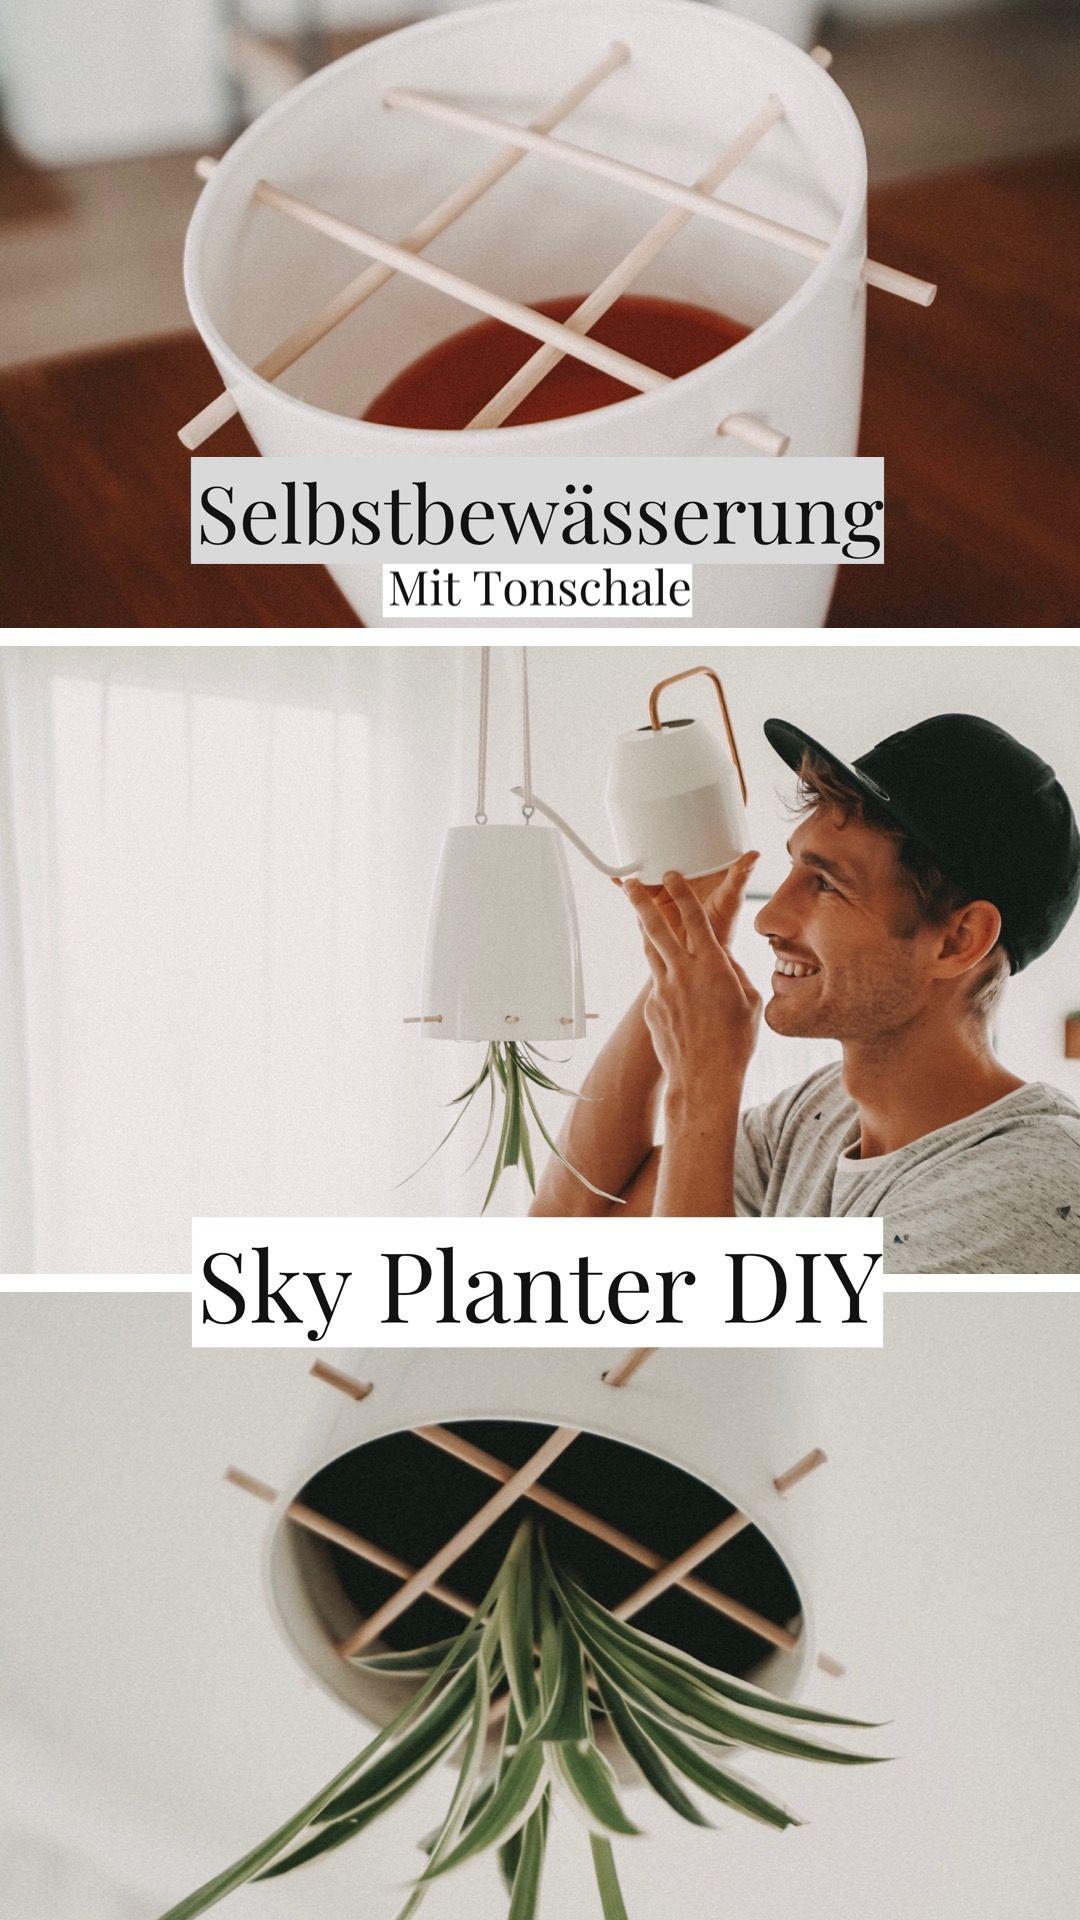 DIY Upside Down Sky Planter selber bauen, Blumenampel, Hängepflanze